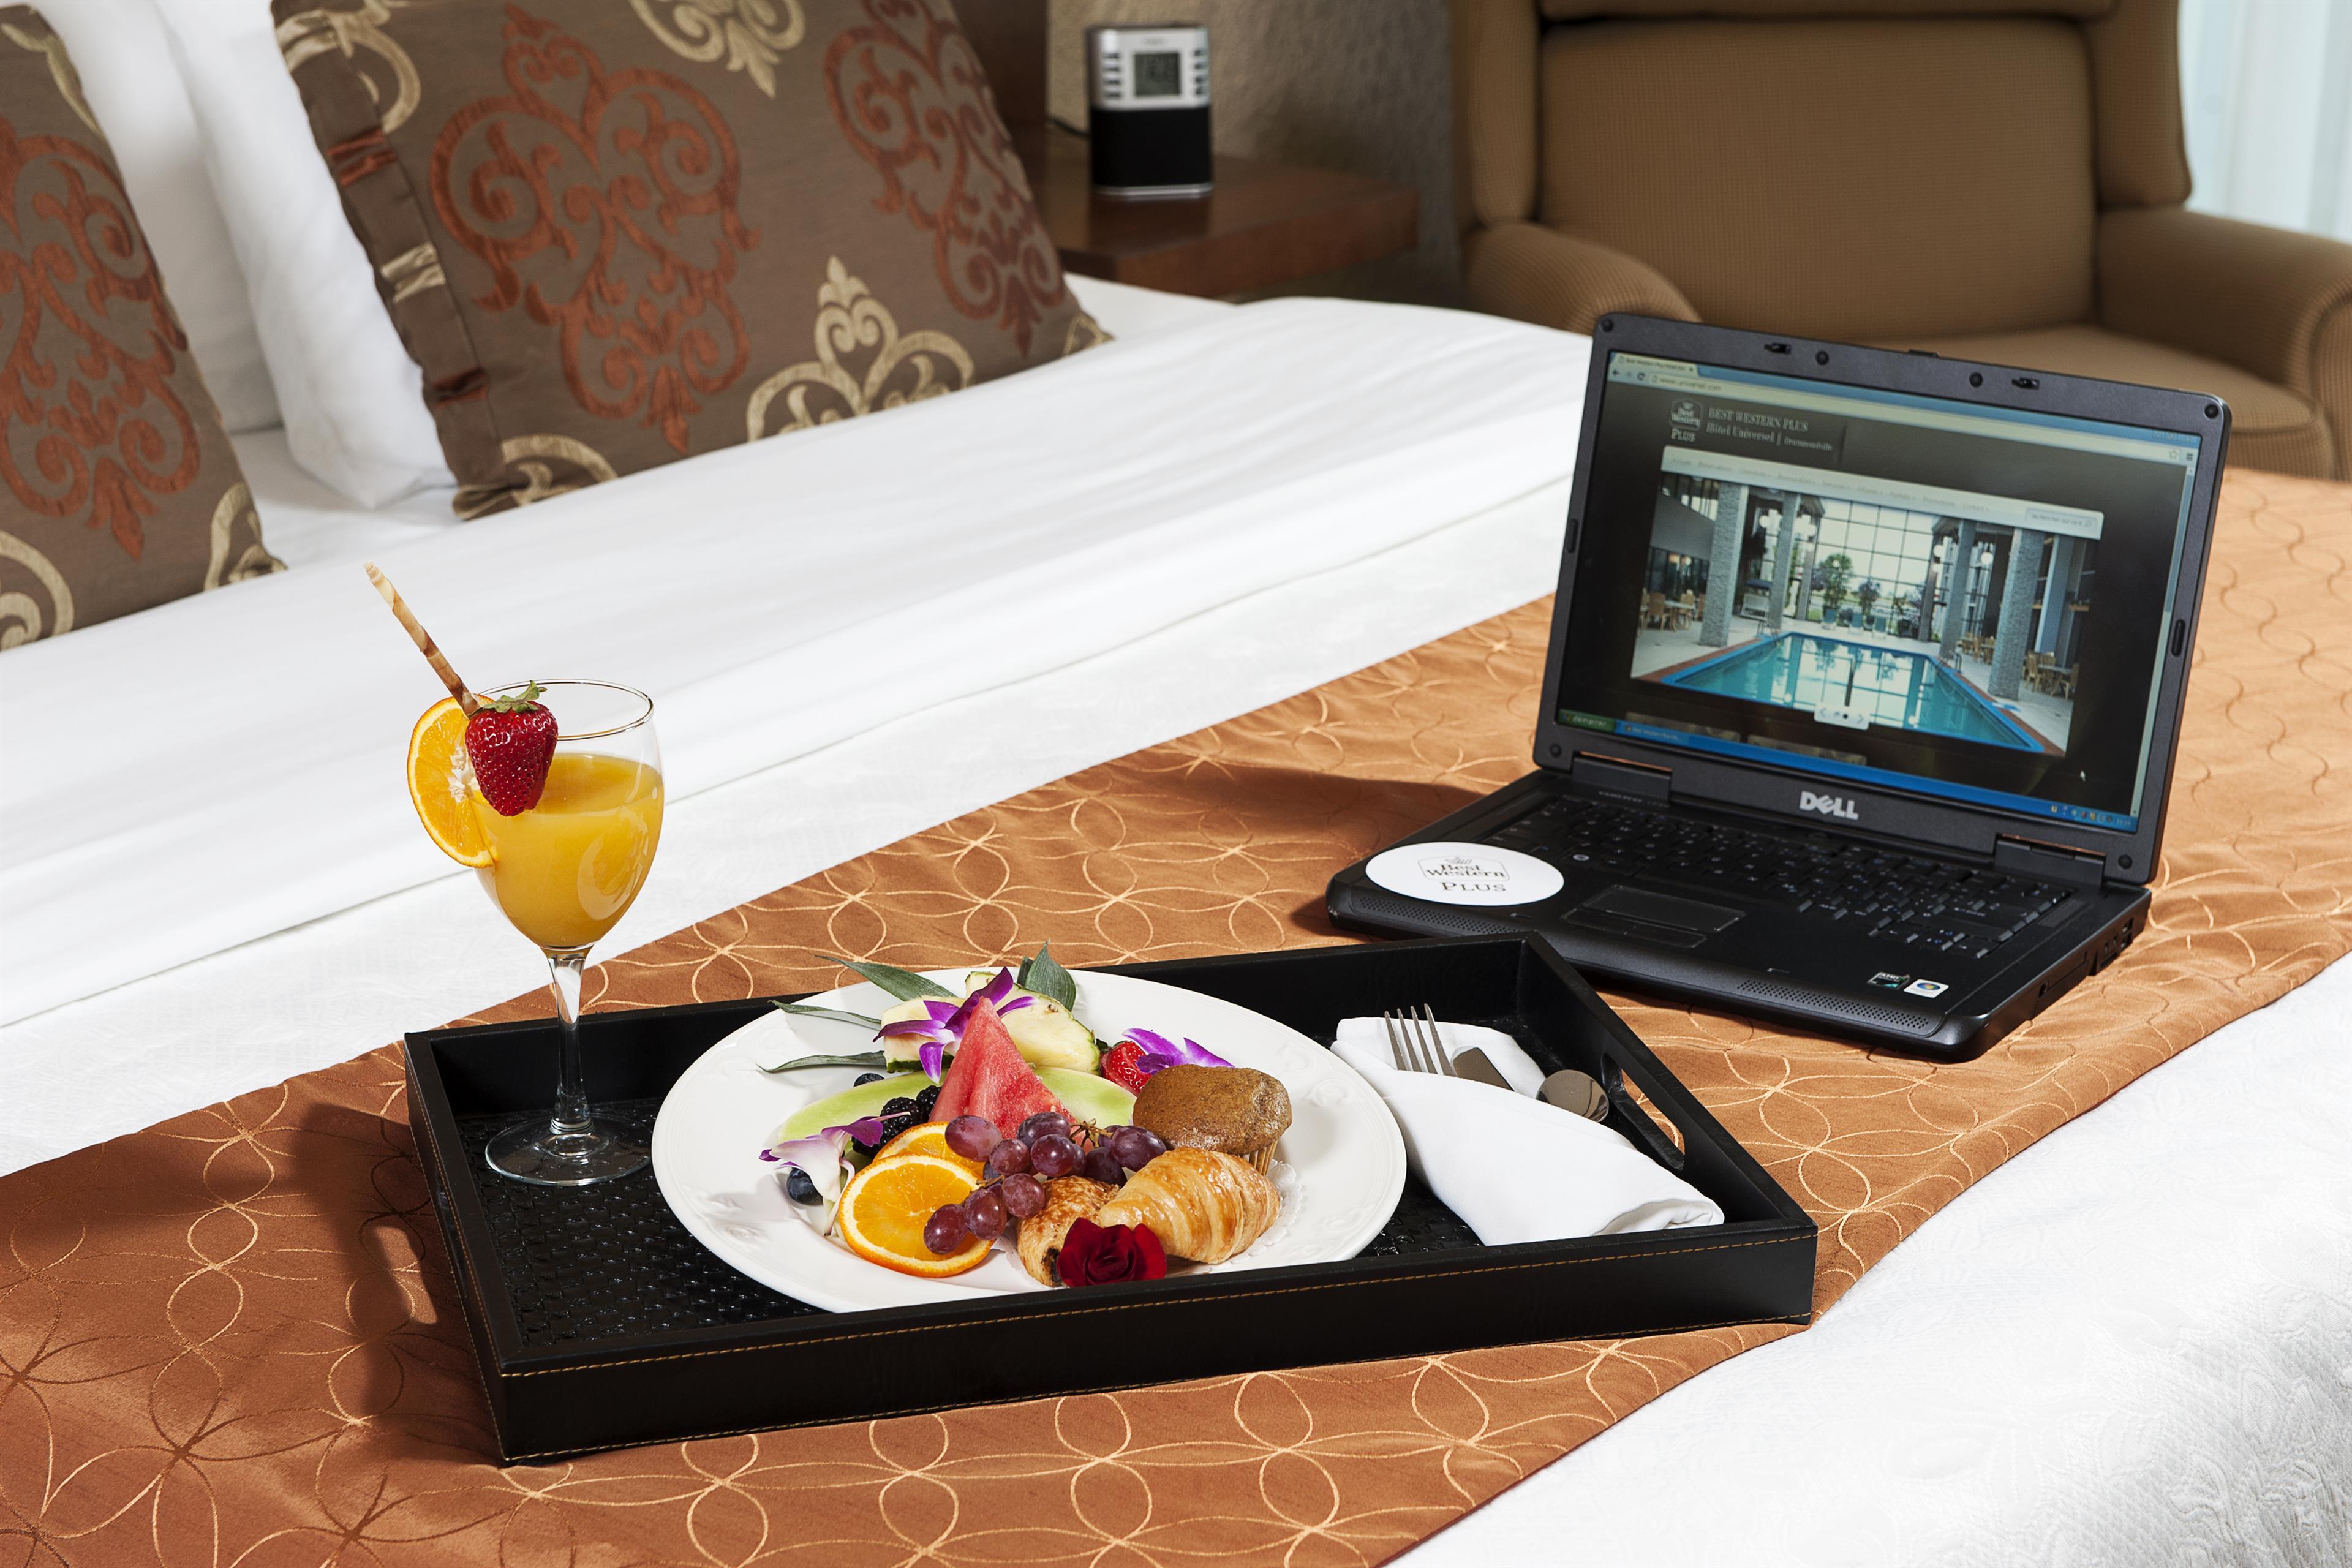 Best Western Hotel Universel Drummondville à Drummondville: Suite 2 Queen Room